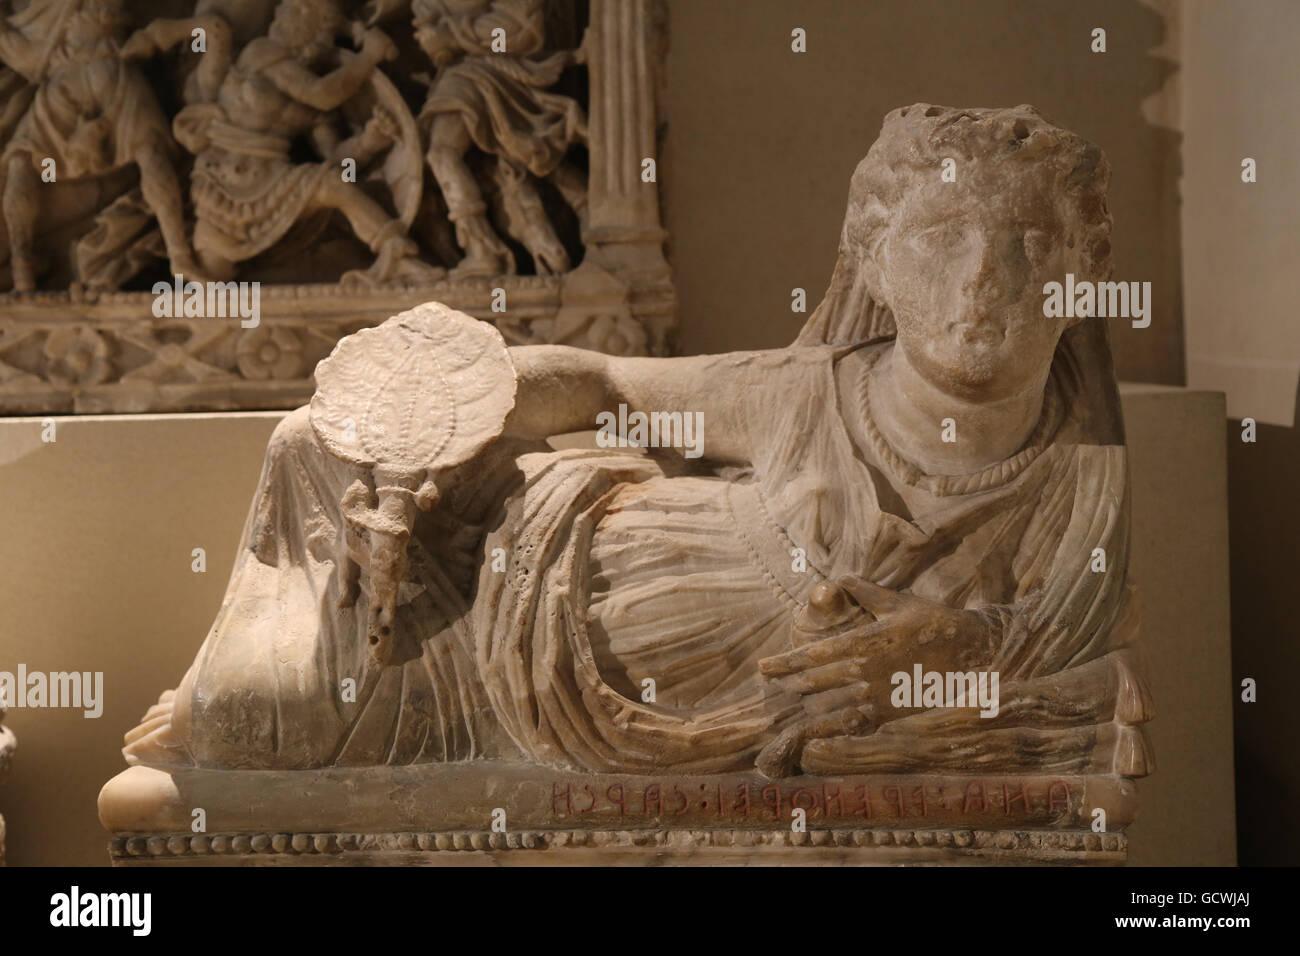 Arte etrusca. Urna cineraria. Effige del defunto. Donna che indossa gioielli e tenendo un ventilatore nella mano Immagini Stock